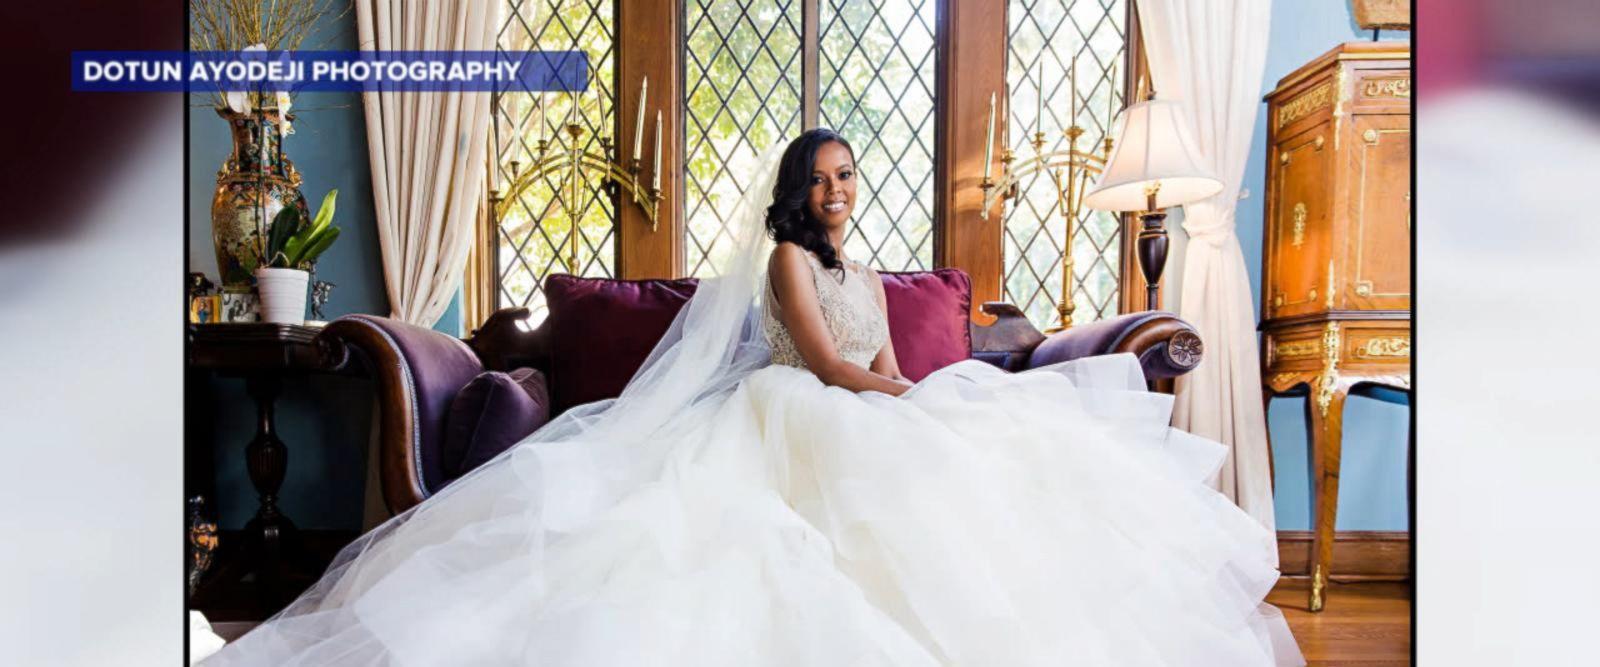 VIDEO: American woman marries prince she met in DC nightclub